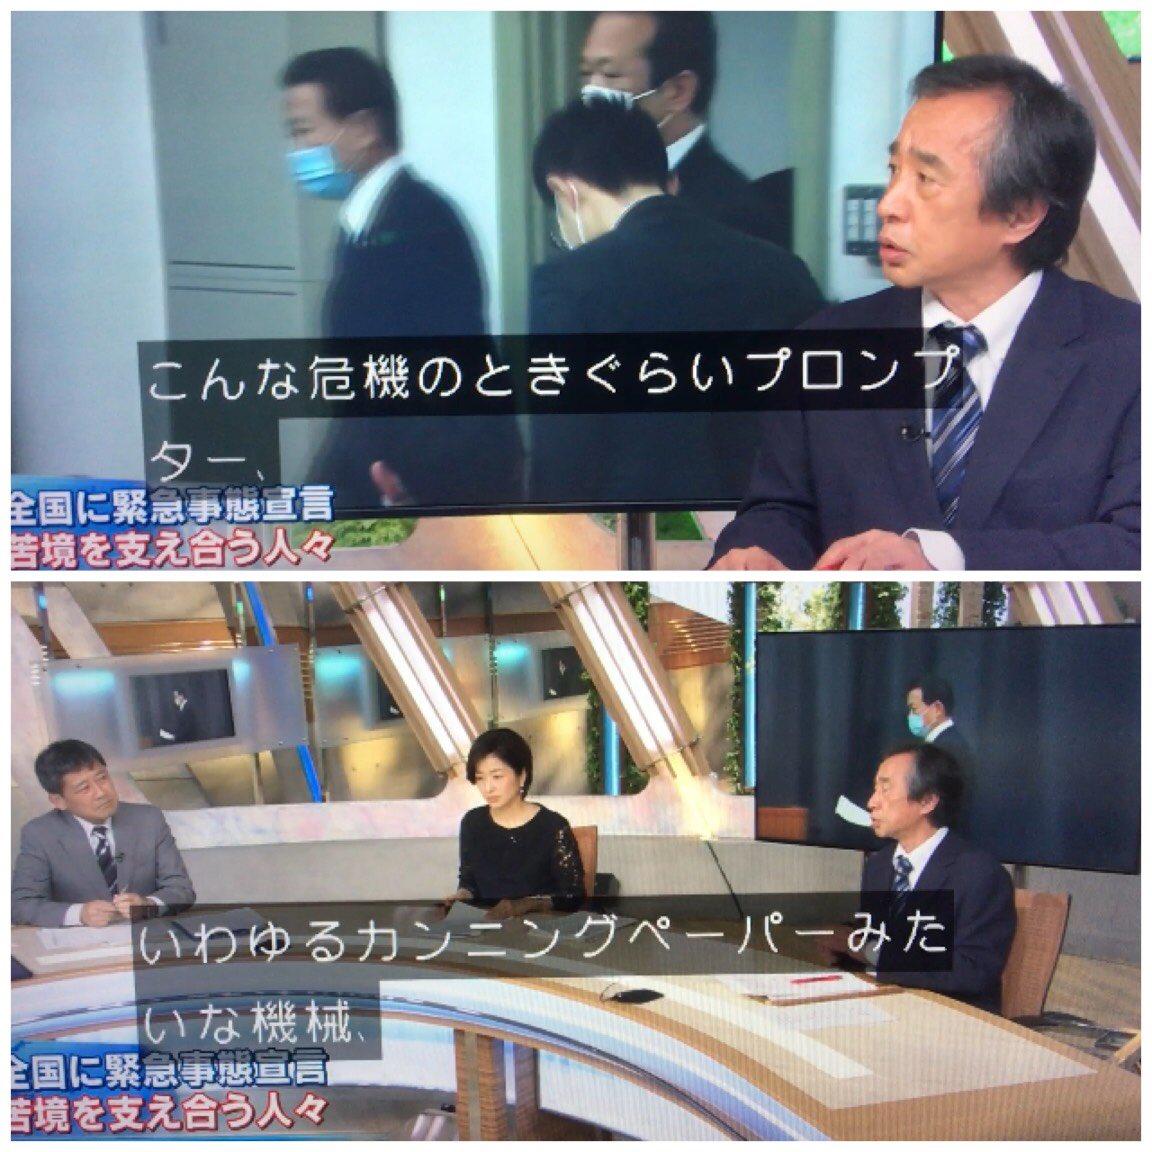 #報道特集 金平茂紀氏 「記者会見は国民と首相がコミュニケーションする重要な機会